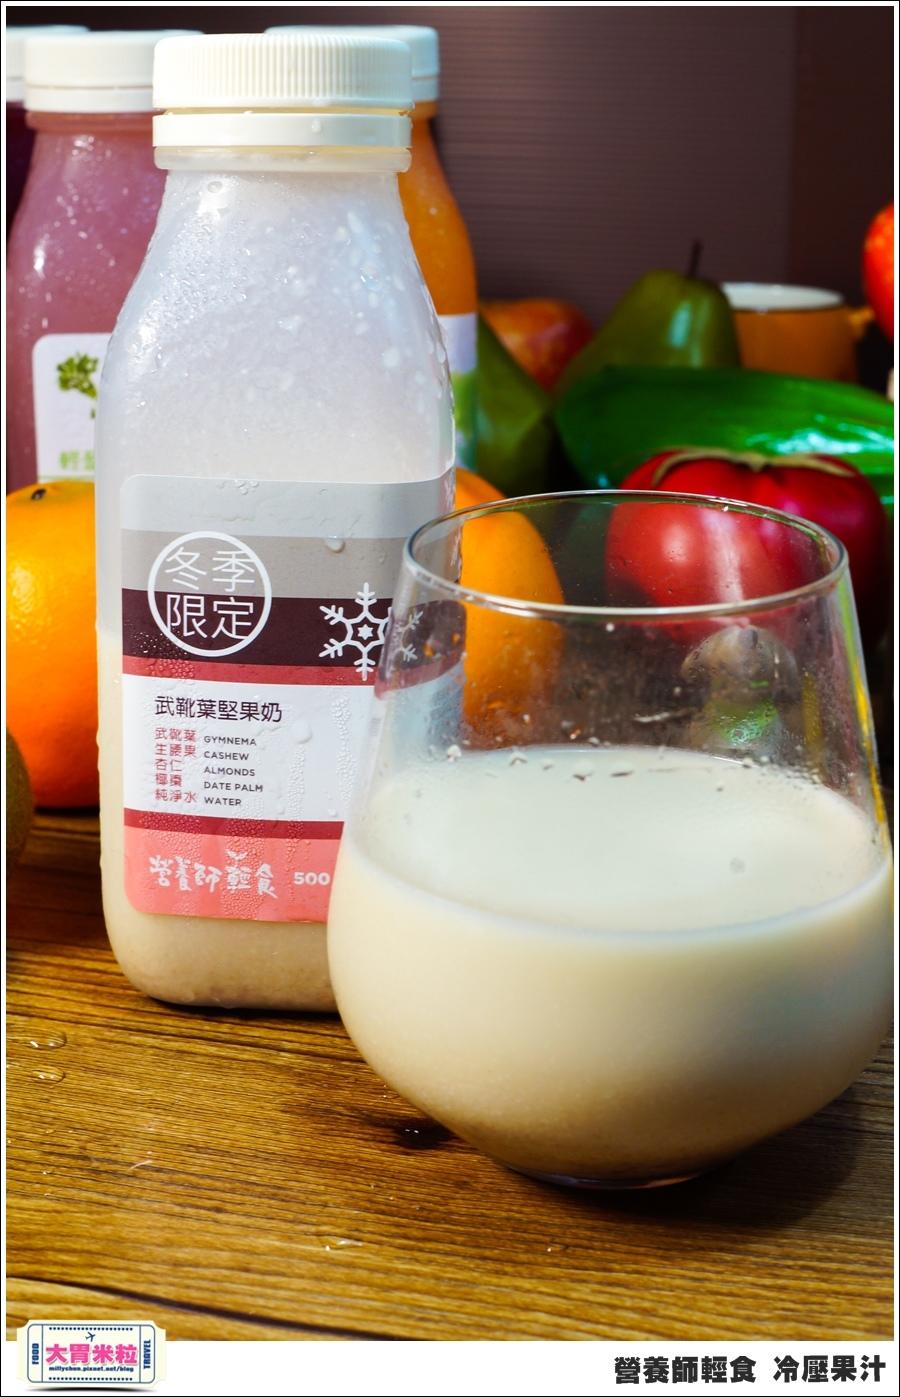 營養師輕食冷壓果汁@大胃米粒00028.jpg